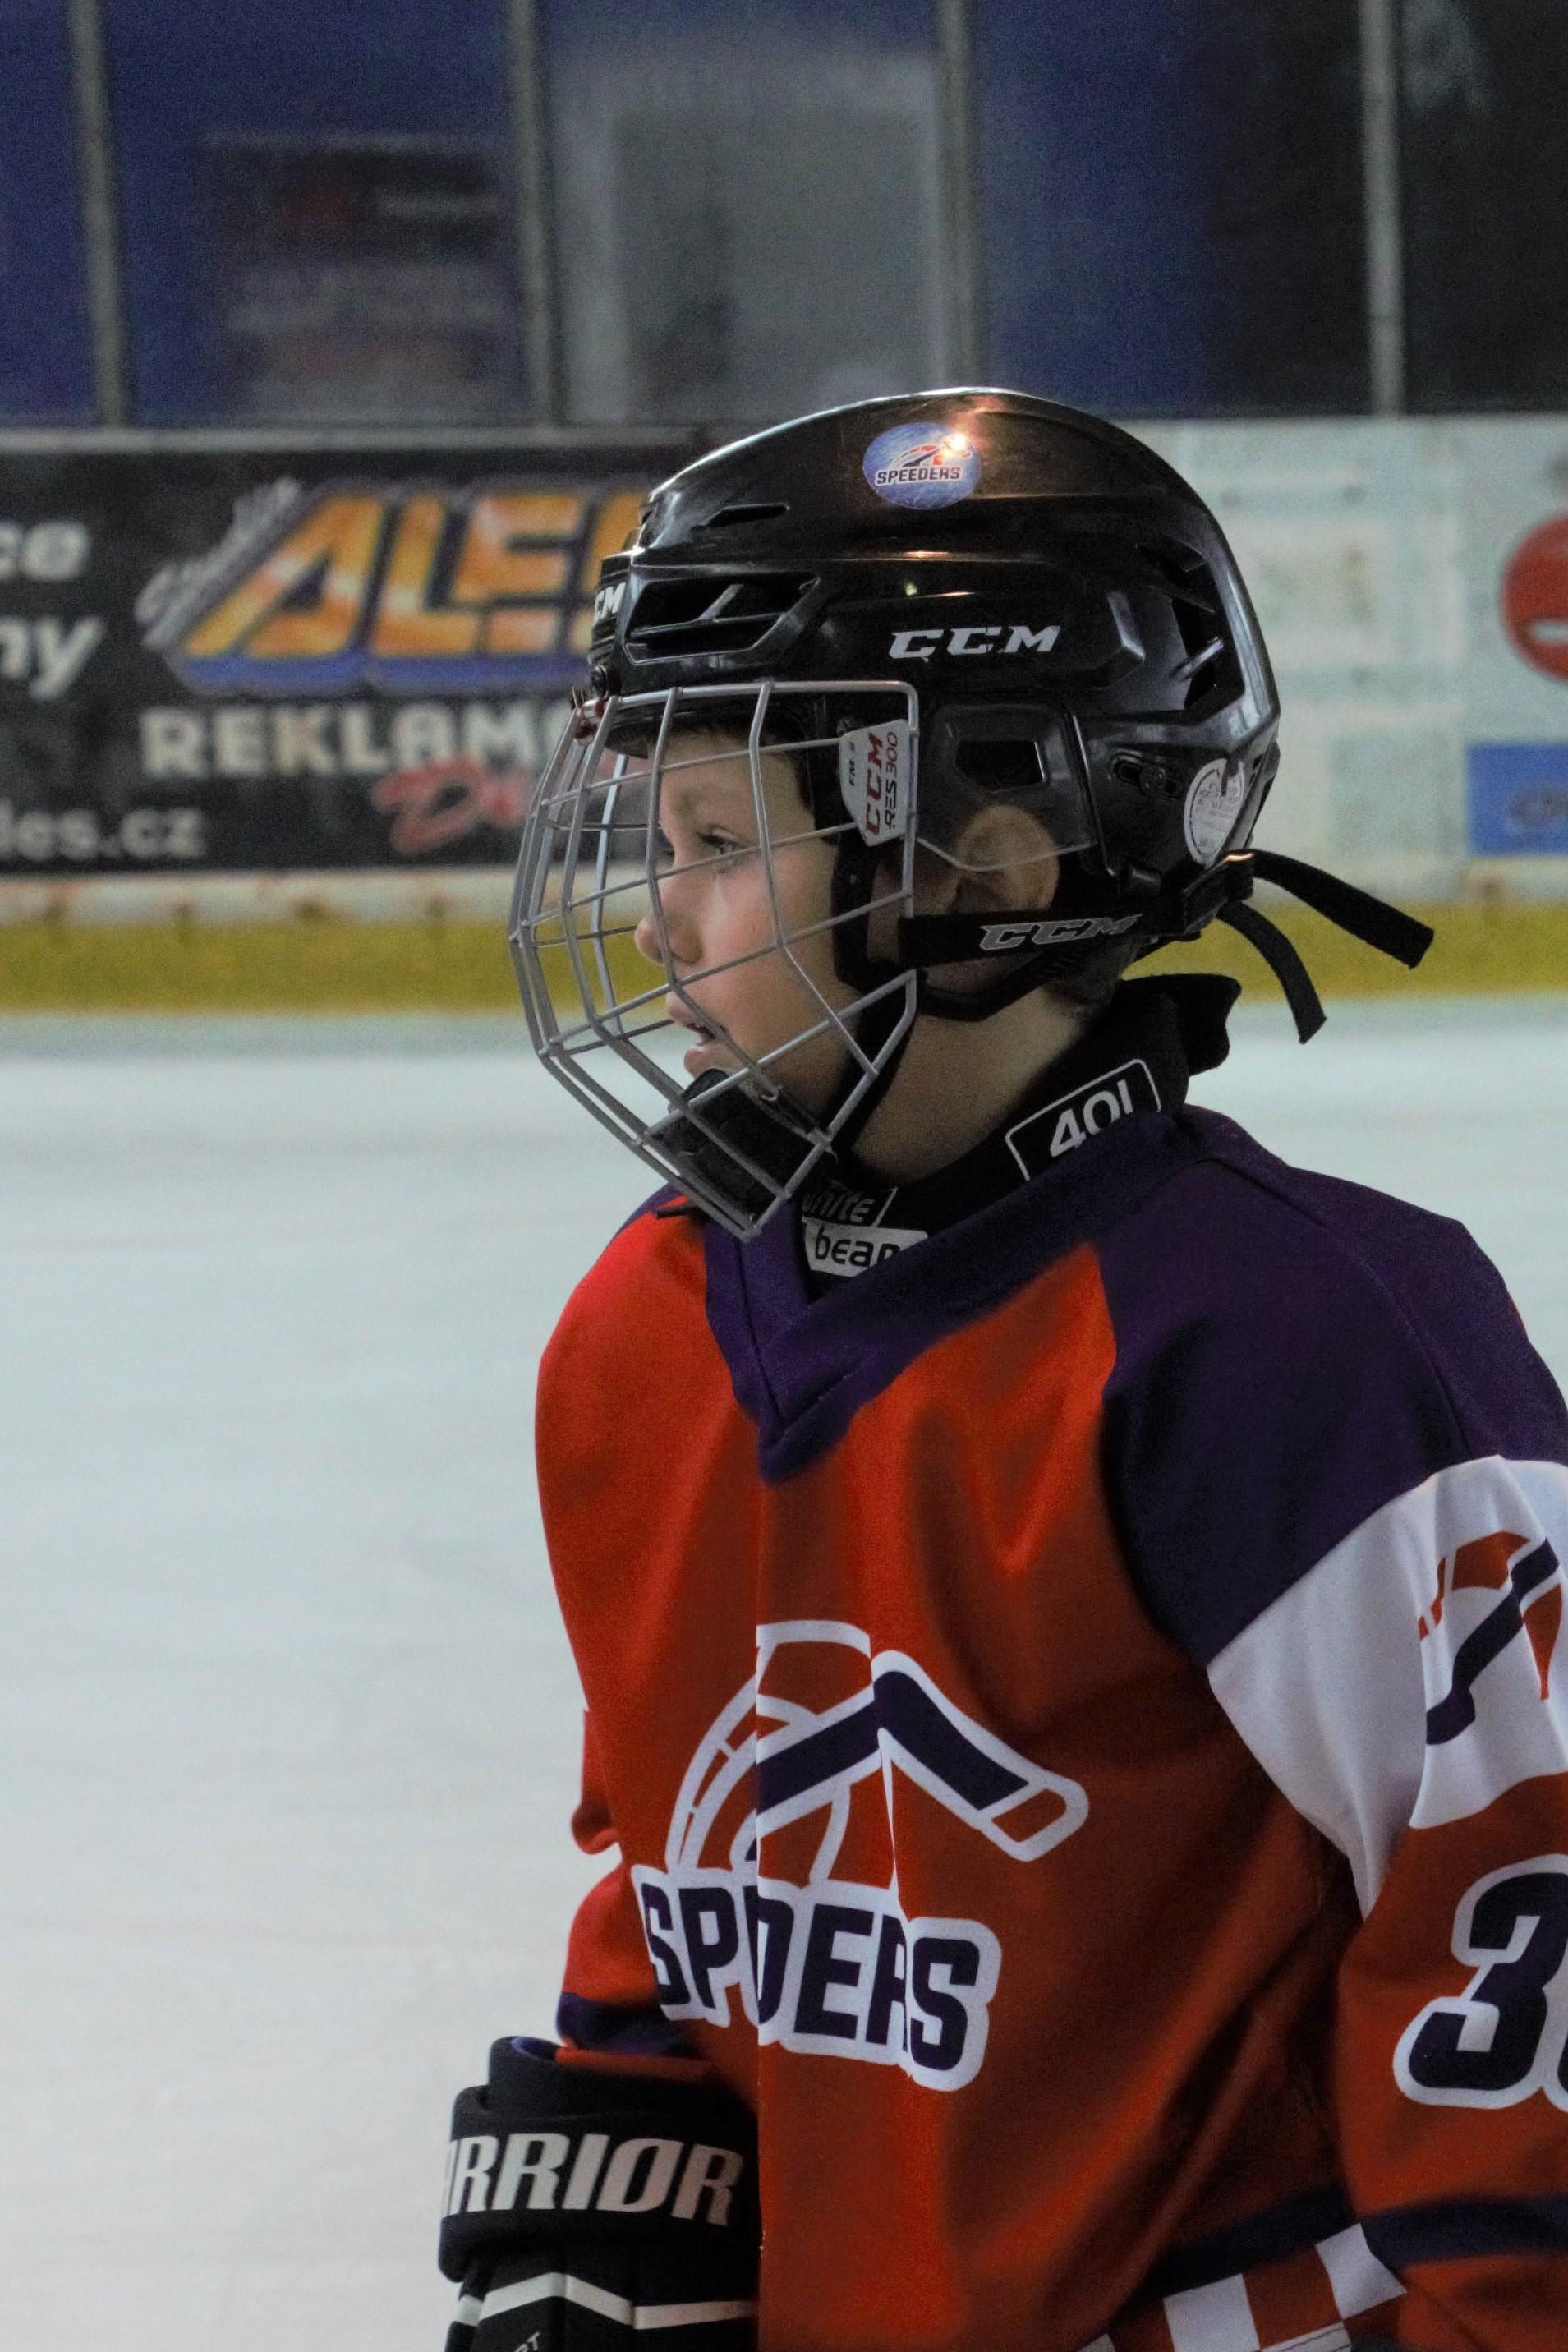 hokej turnaj Nymburk Speeders Bratislava34